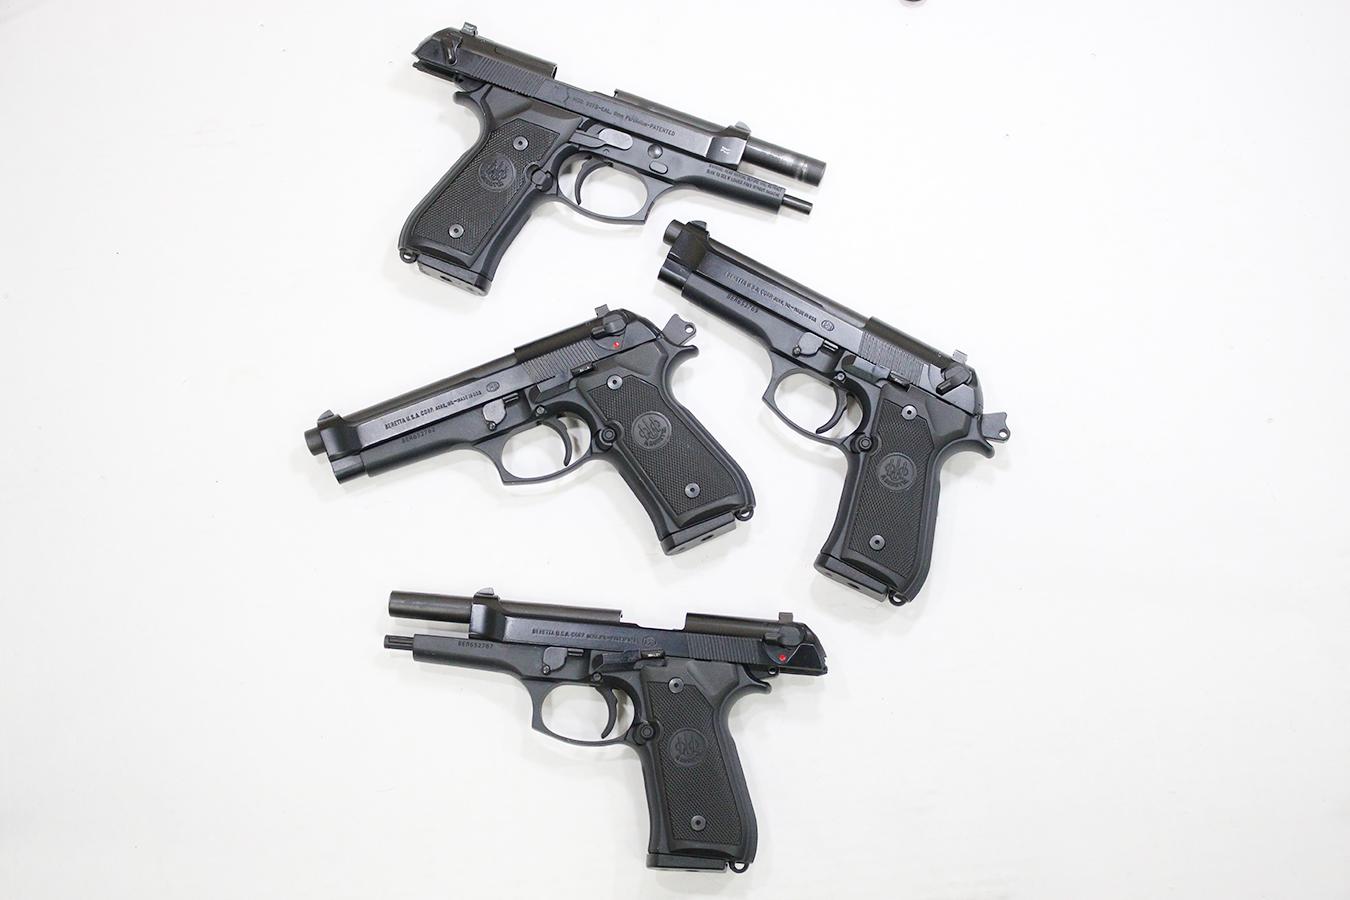 92FS DA/SA 9mm Police Trade-ins (Very Good Condition)